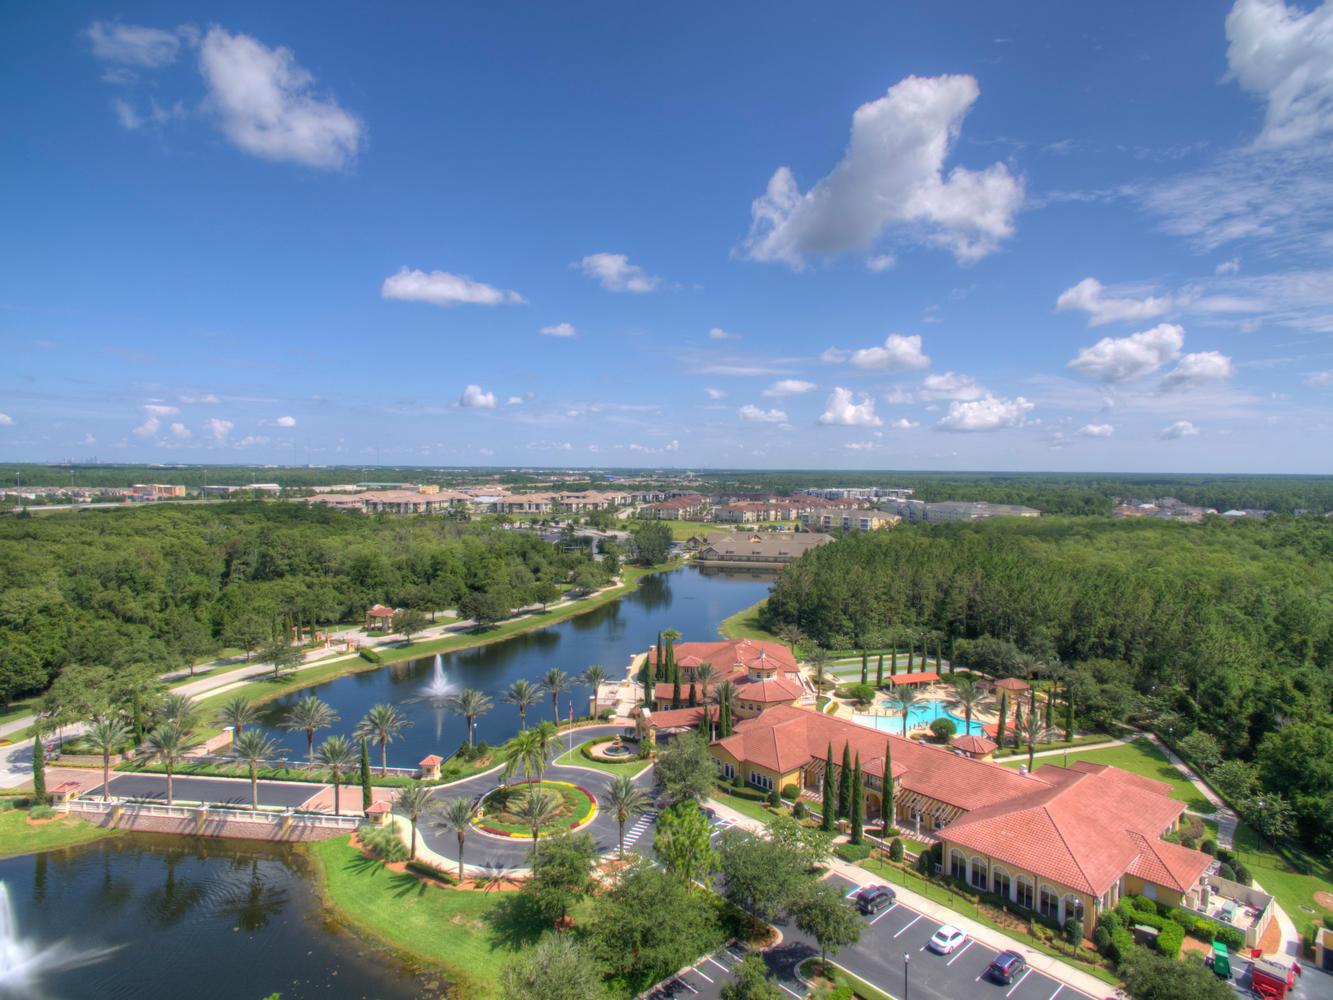 9144 Sugarland Dr Jacksonville-large-001-2-DJI 0021 2 3 4 514-1333x1000-72dpi.jpg